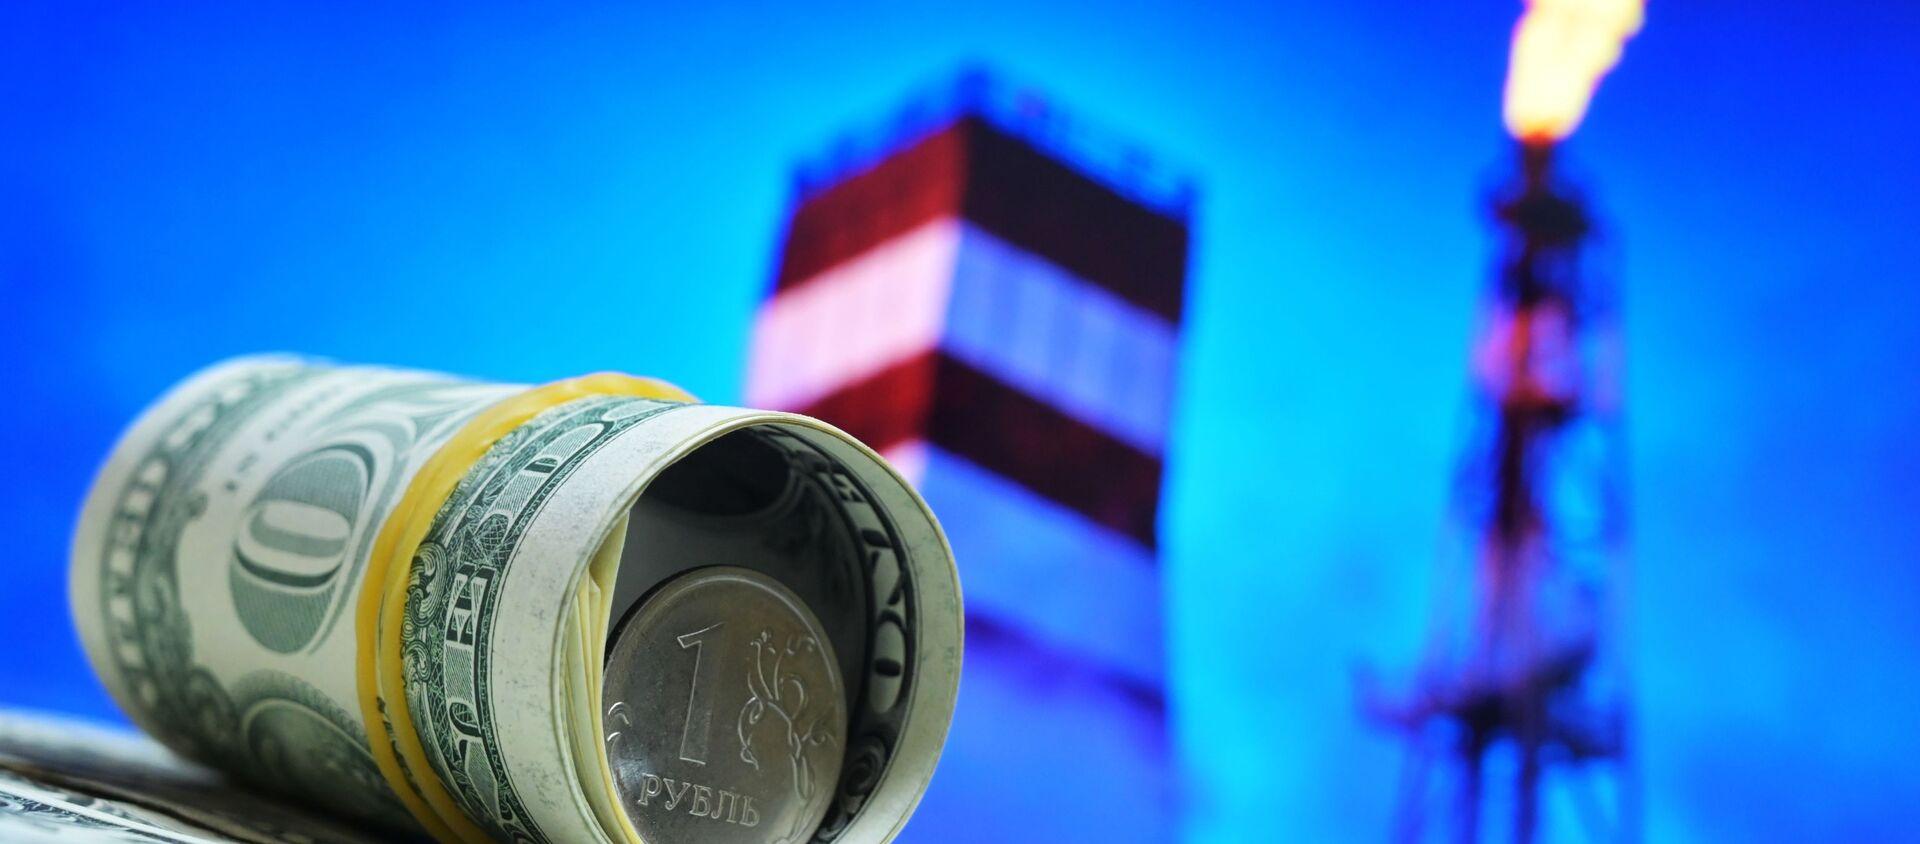 Dolar, rubel, ropa - Sputnik Polska, 1920, 05.04.2021